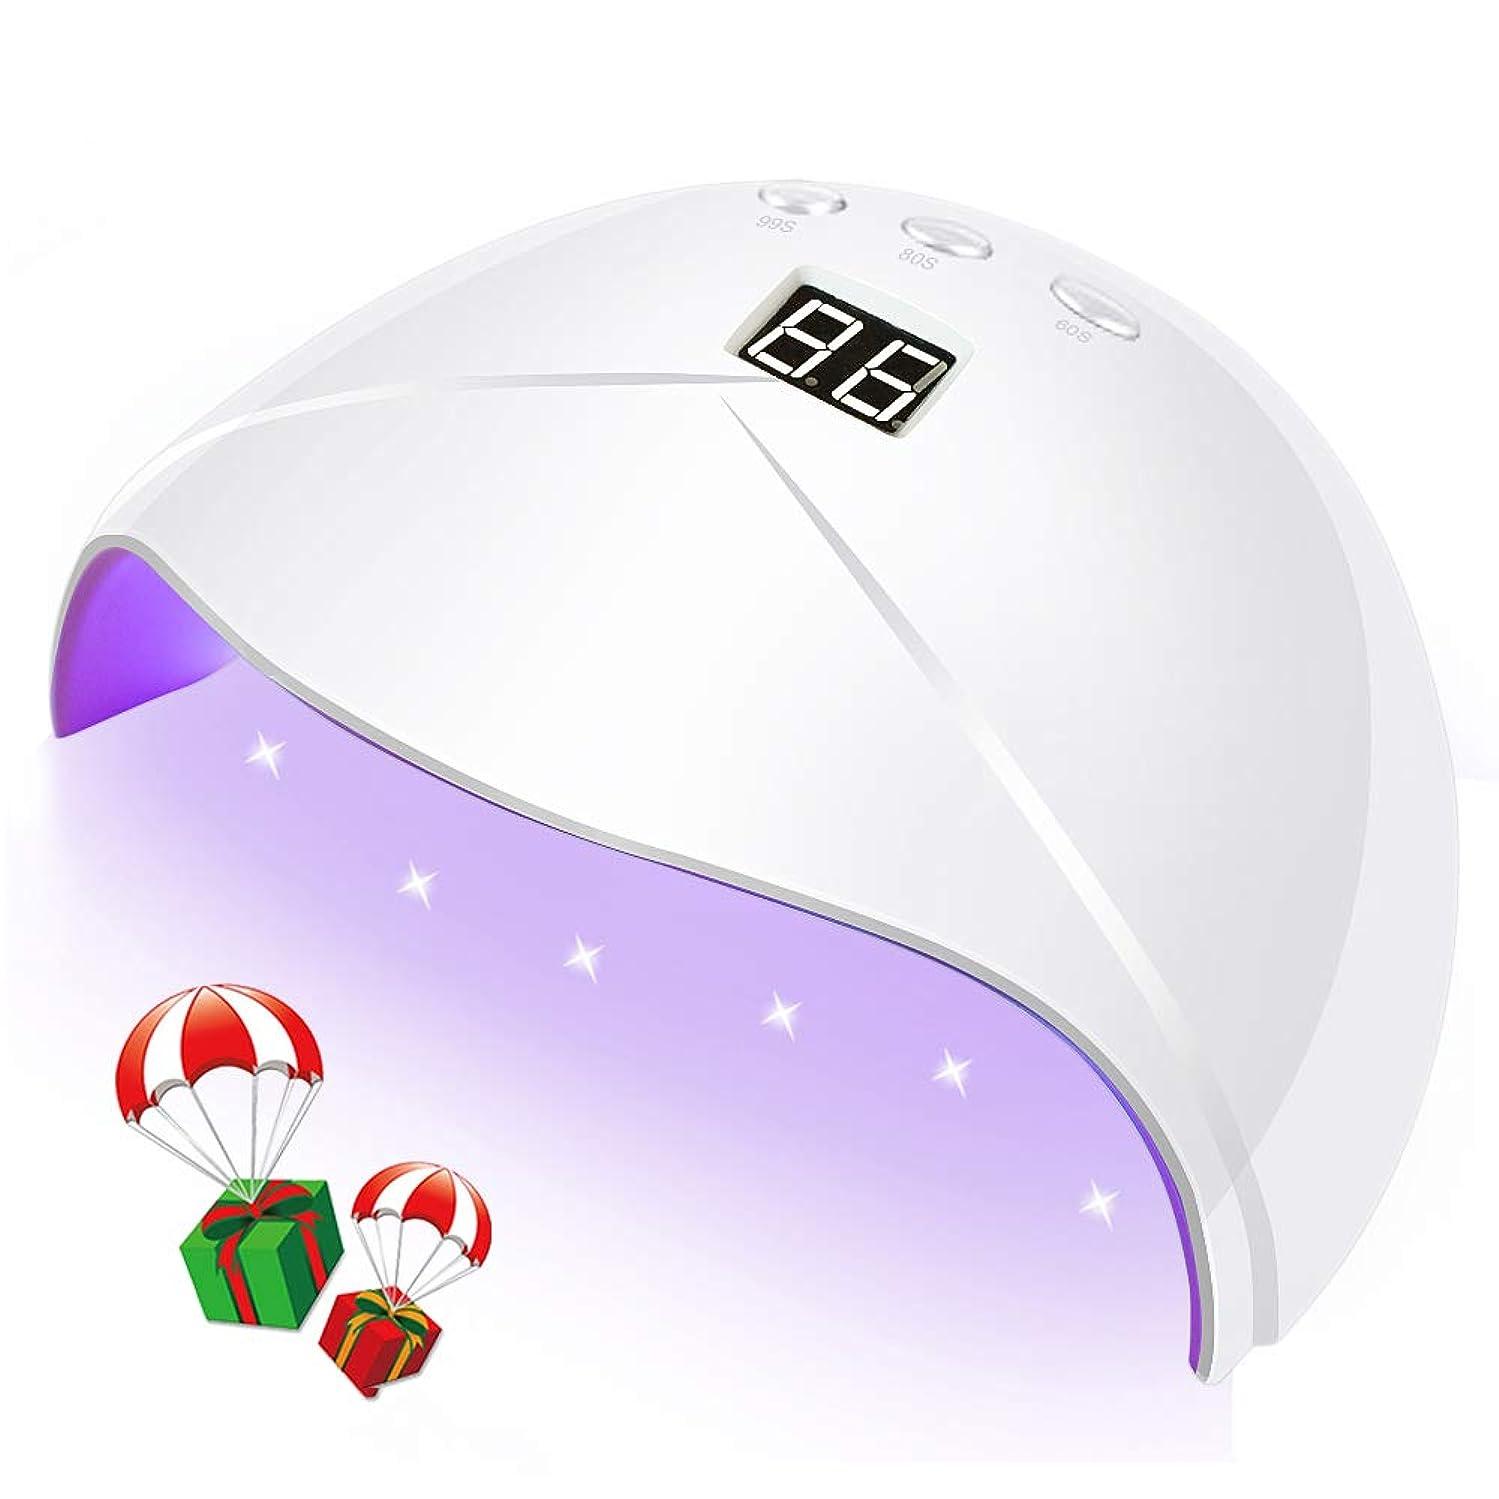 帰する失礼ホイッスル36W LED UV ネイルライトプロフェッショナルポータブルゲル硬化ライト3タイマー LCD ディスプレイ (USB 充電器)